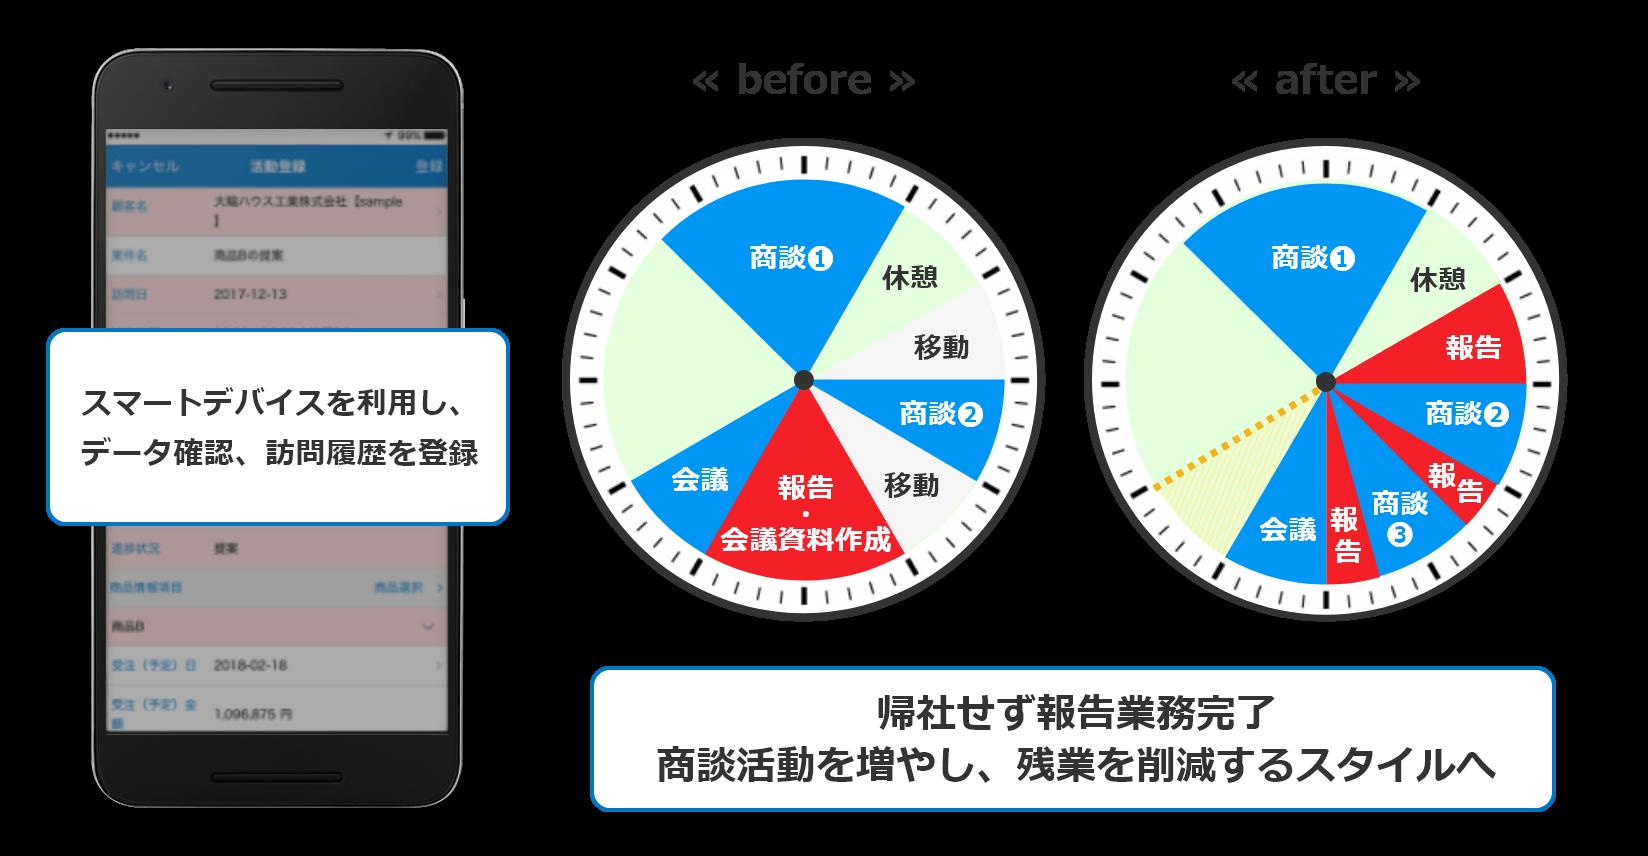 「スマートフォンを活用」「場所を選ばずスキマ時間に報告」「1度の入力で、必要な報告は完了」